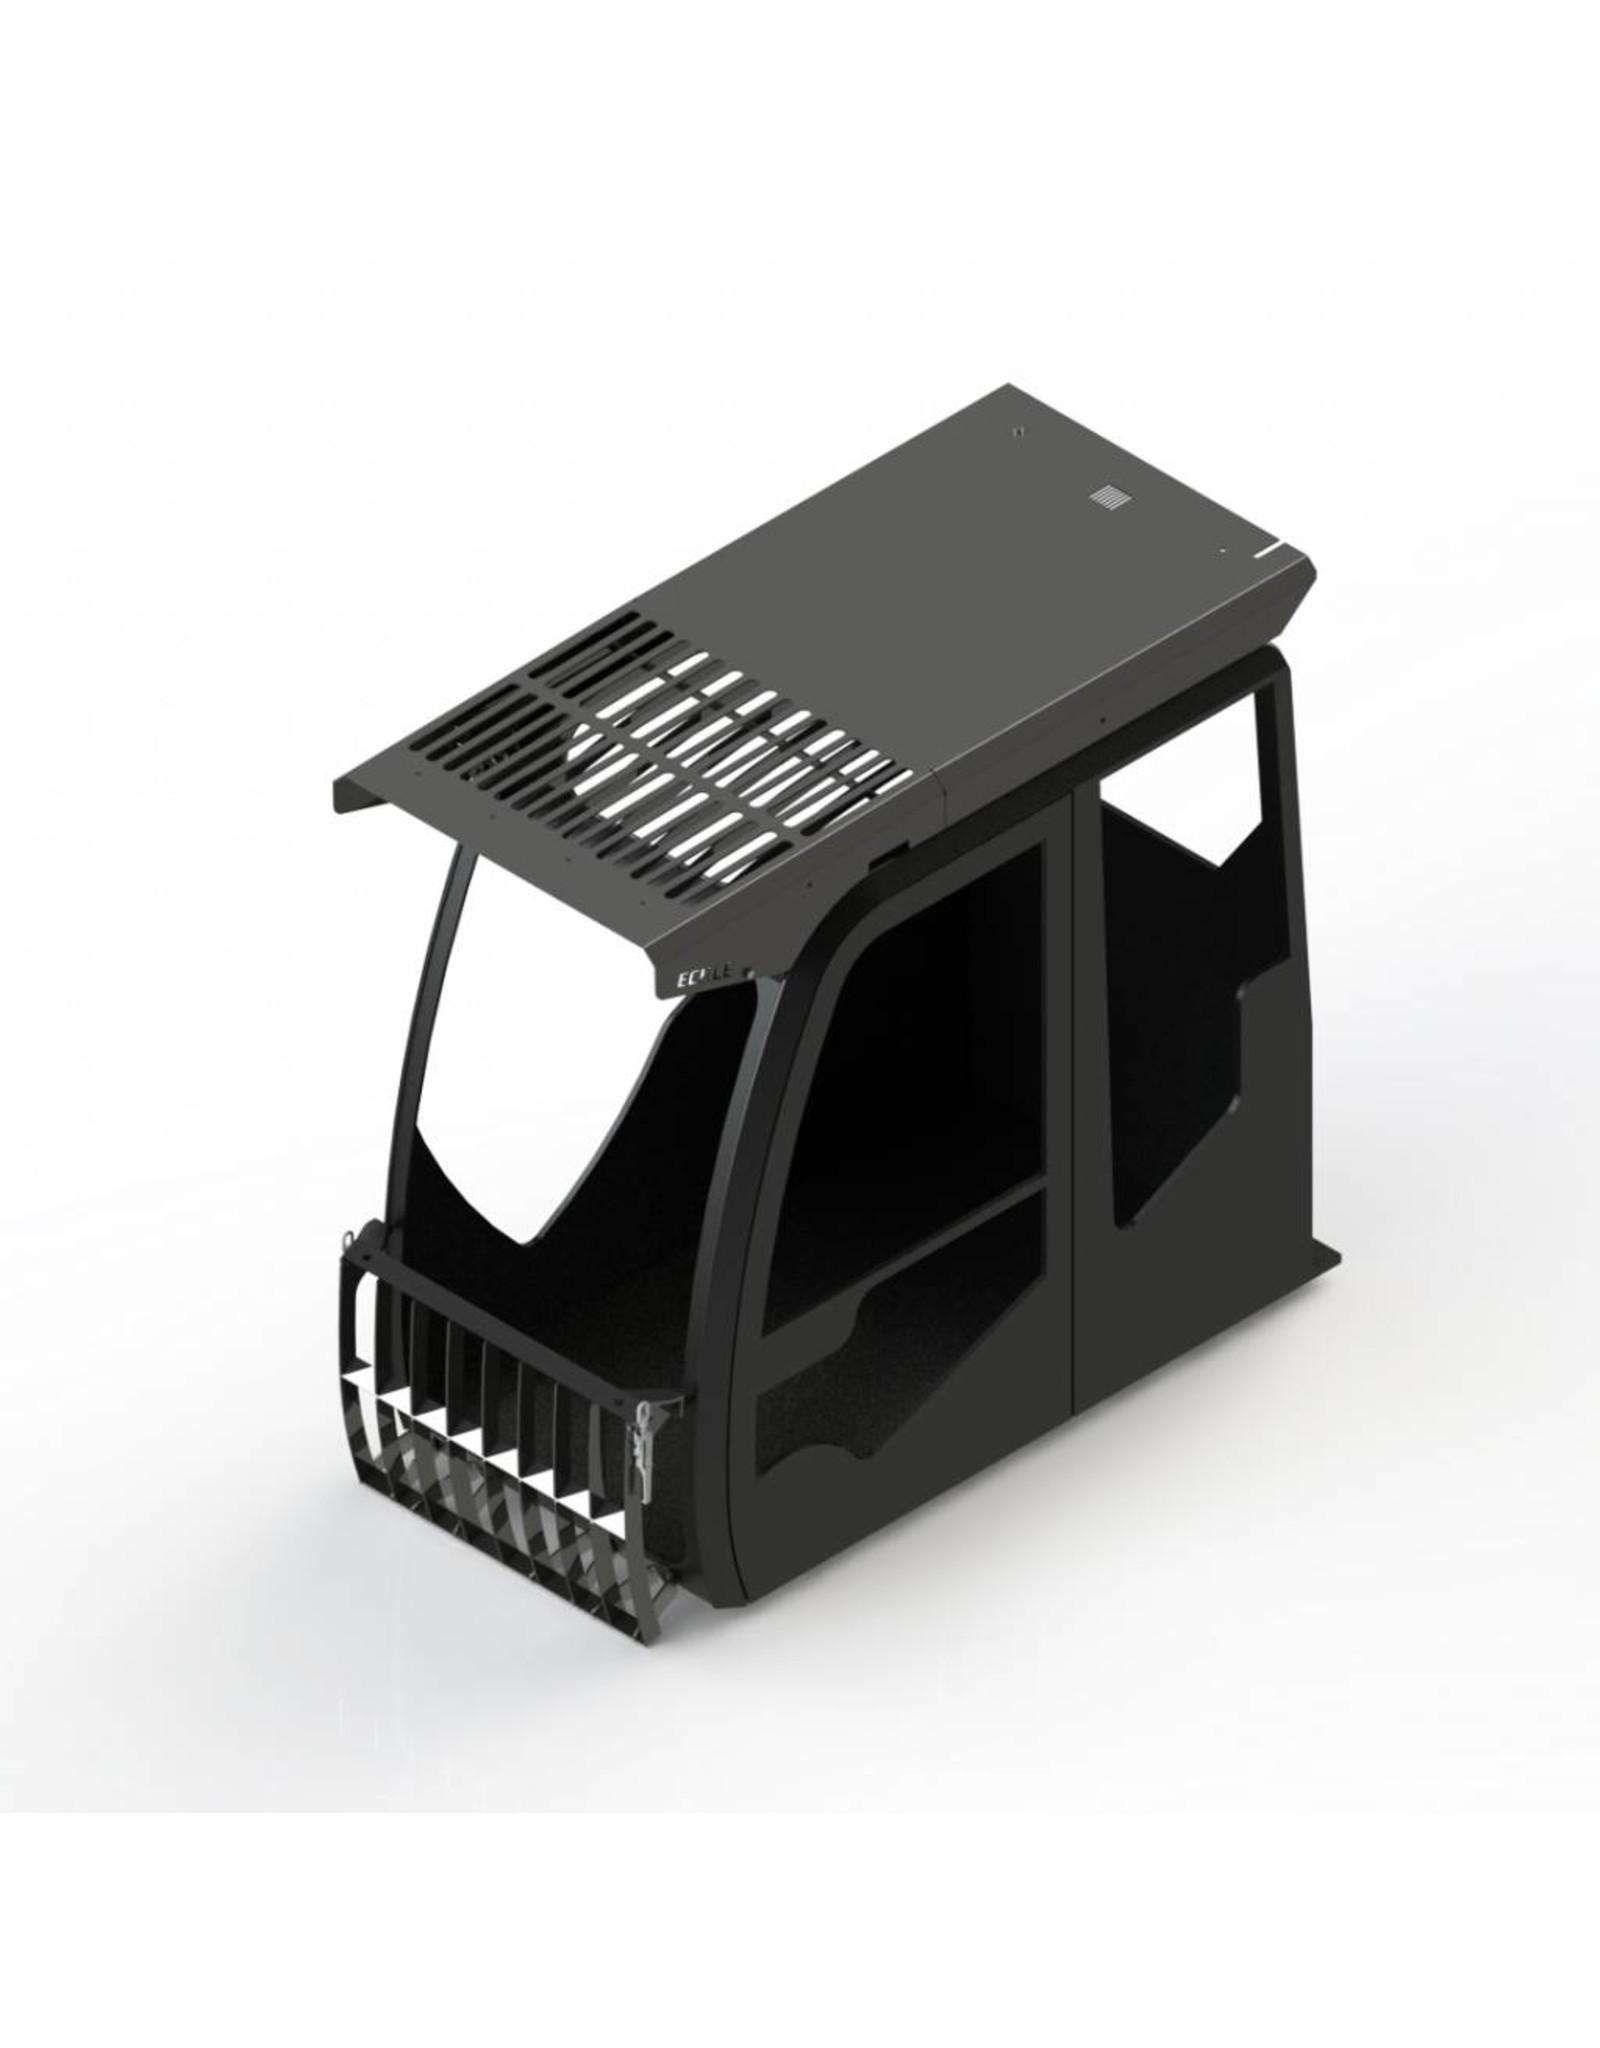 Echle Hartstahl GmbH FOPS für Liebherr A 912 Compact